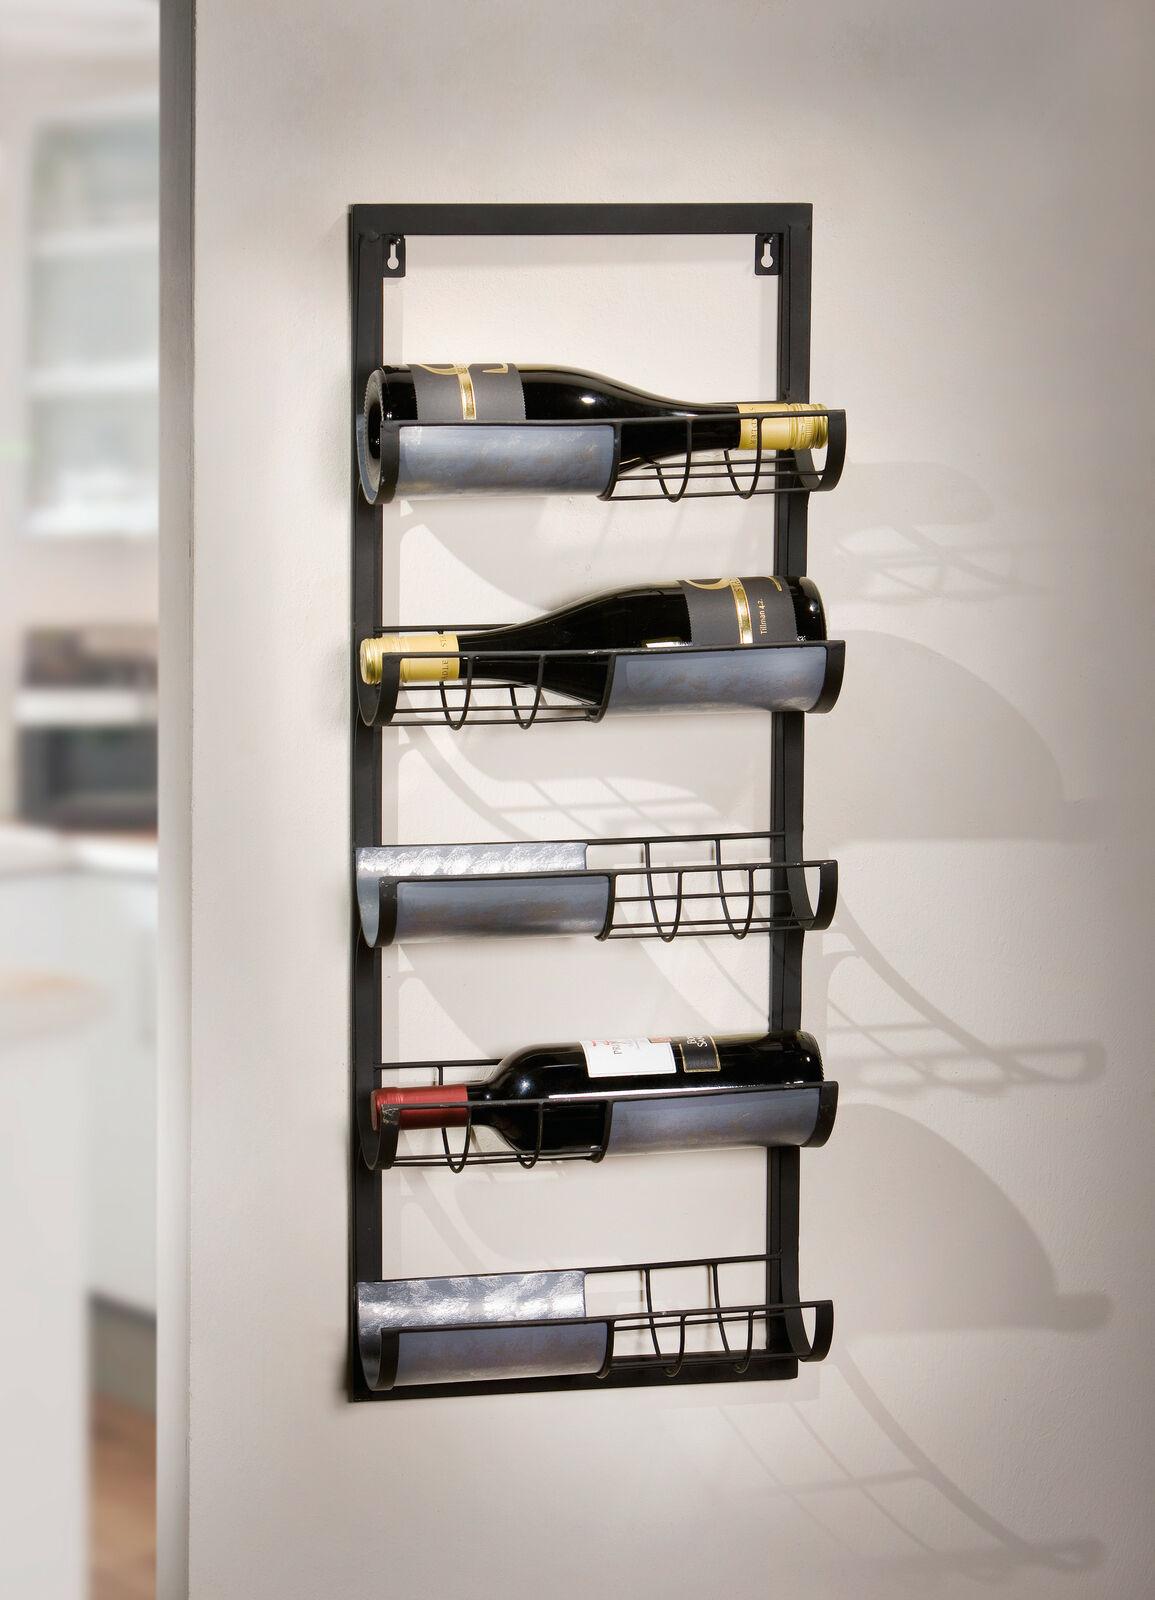 Wein Regal Industrial Aus Metall Schwarz Fur 5 Flaschen Hange Wand Halter Kaufen Bei Come4buy Gmbh